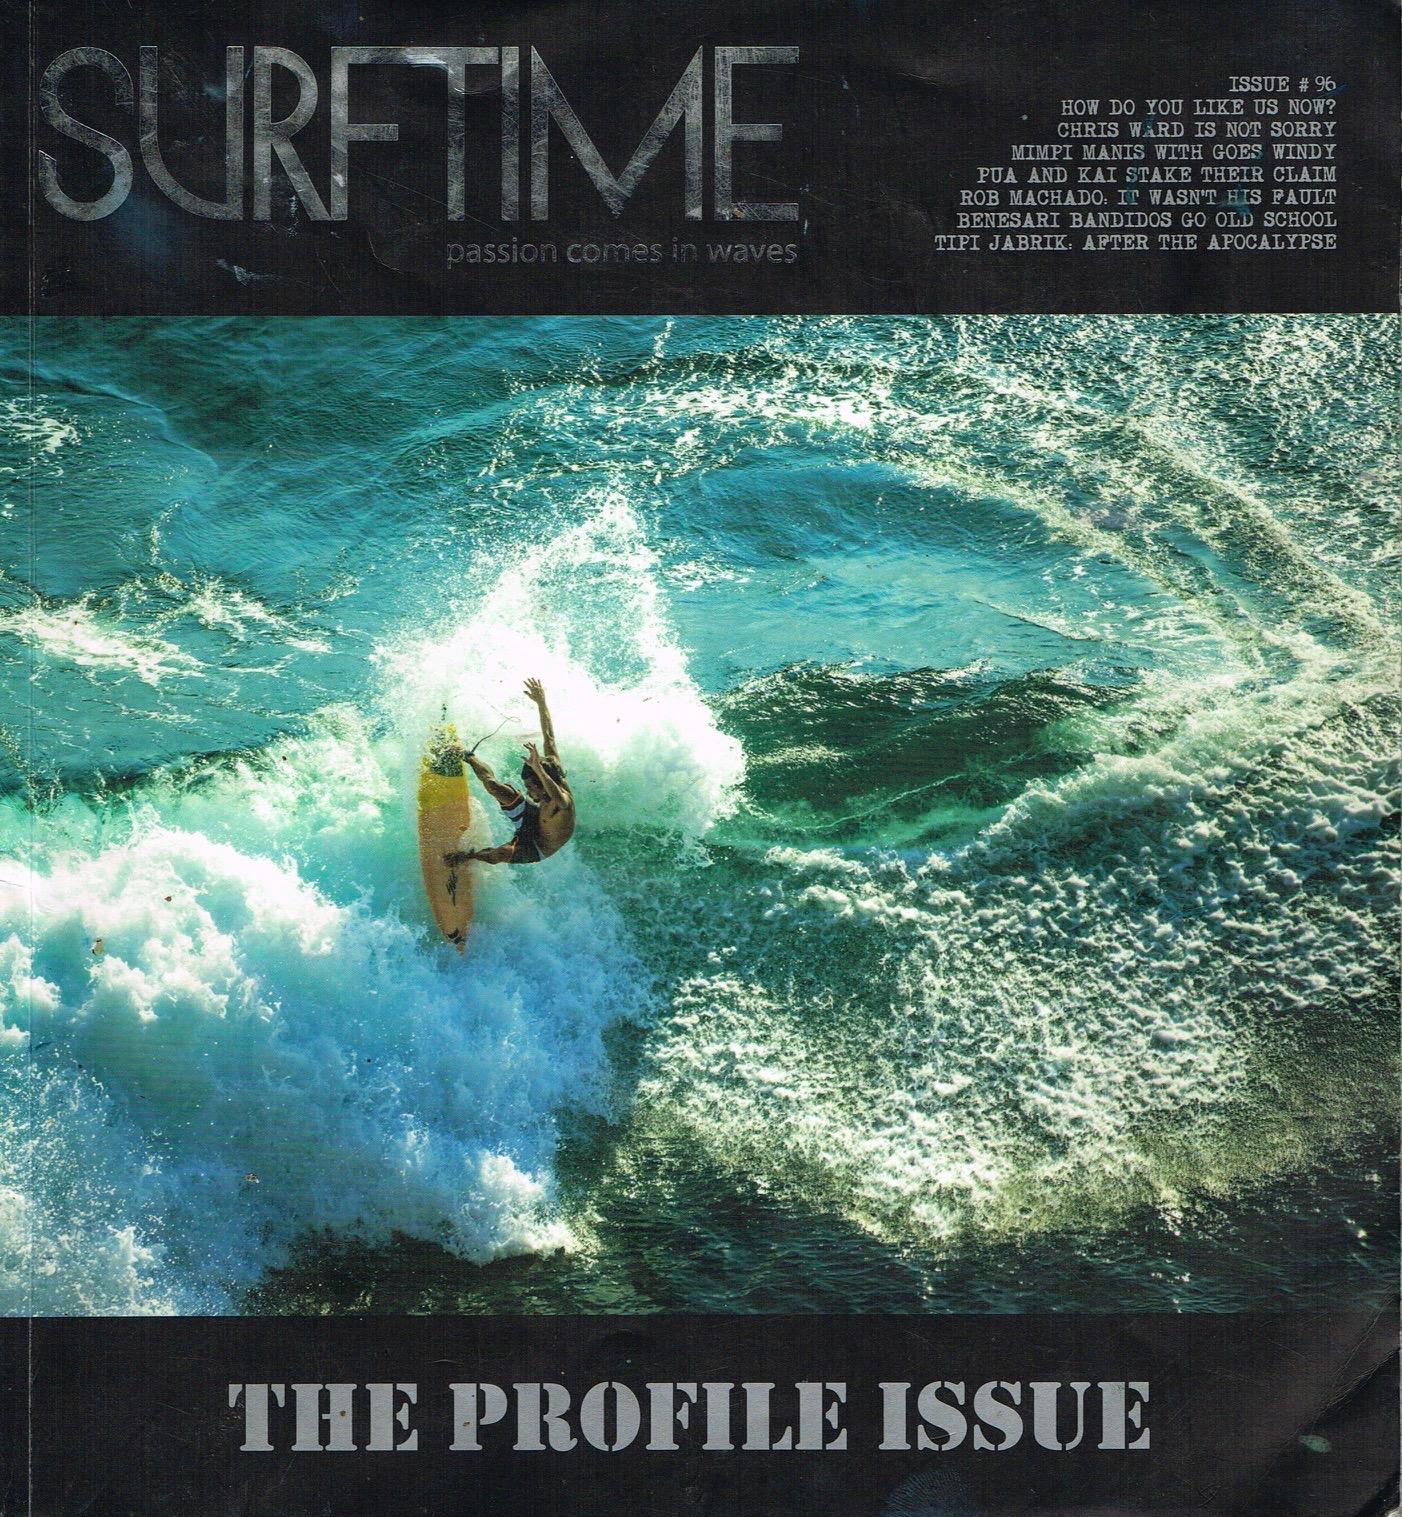 SURF TIME 掲載のお知らせ